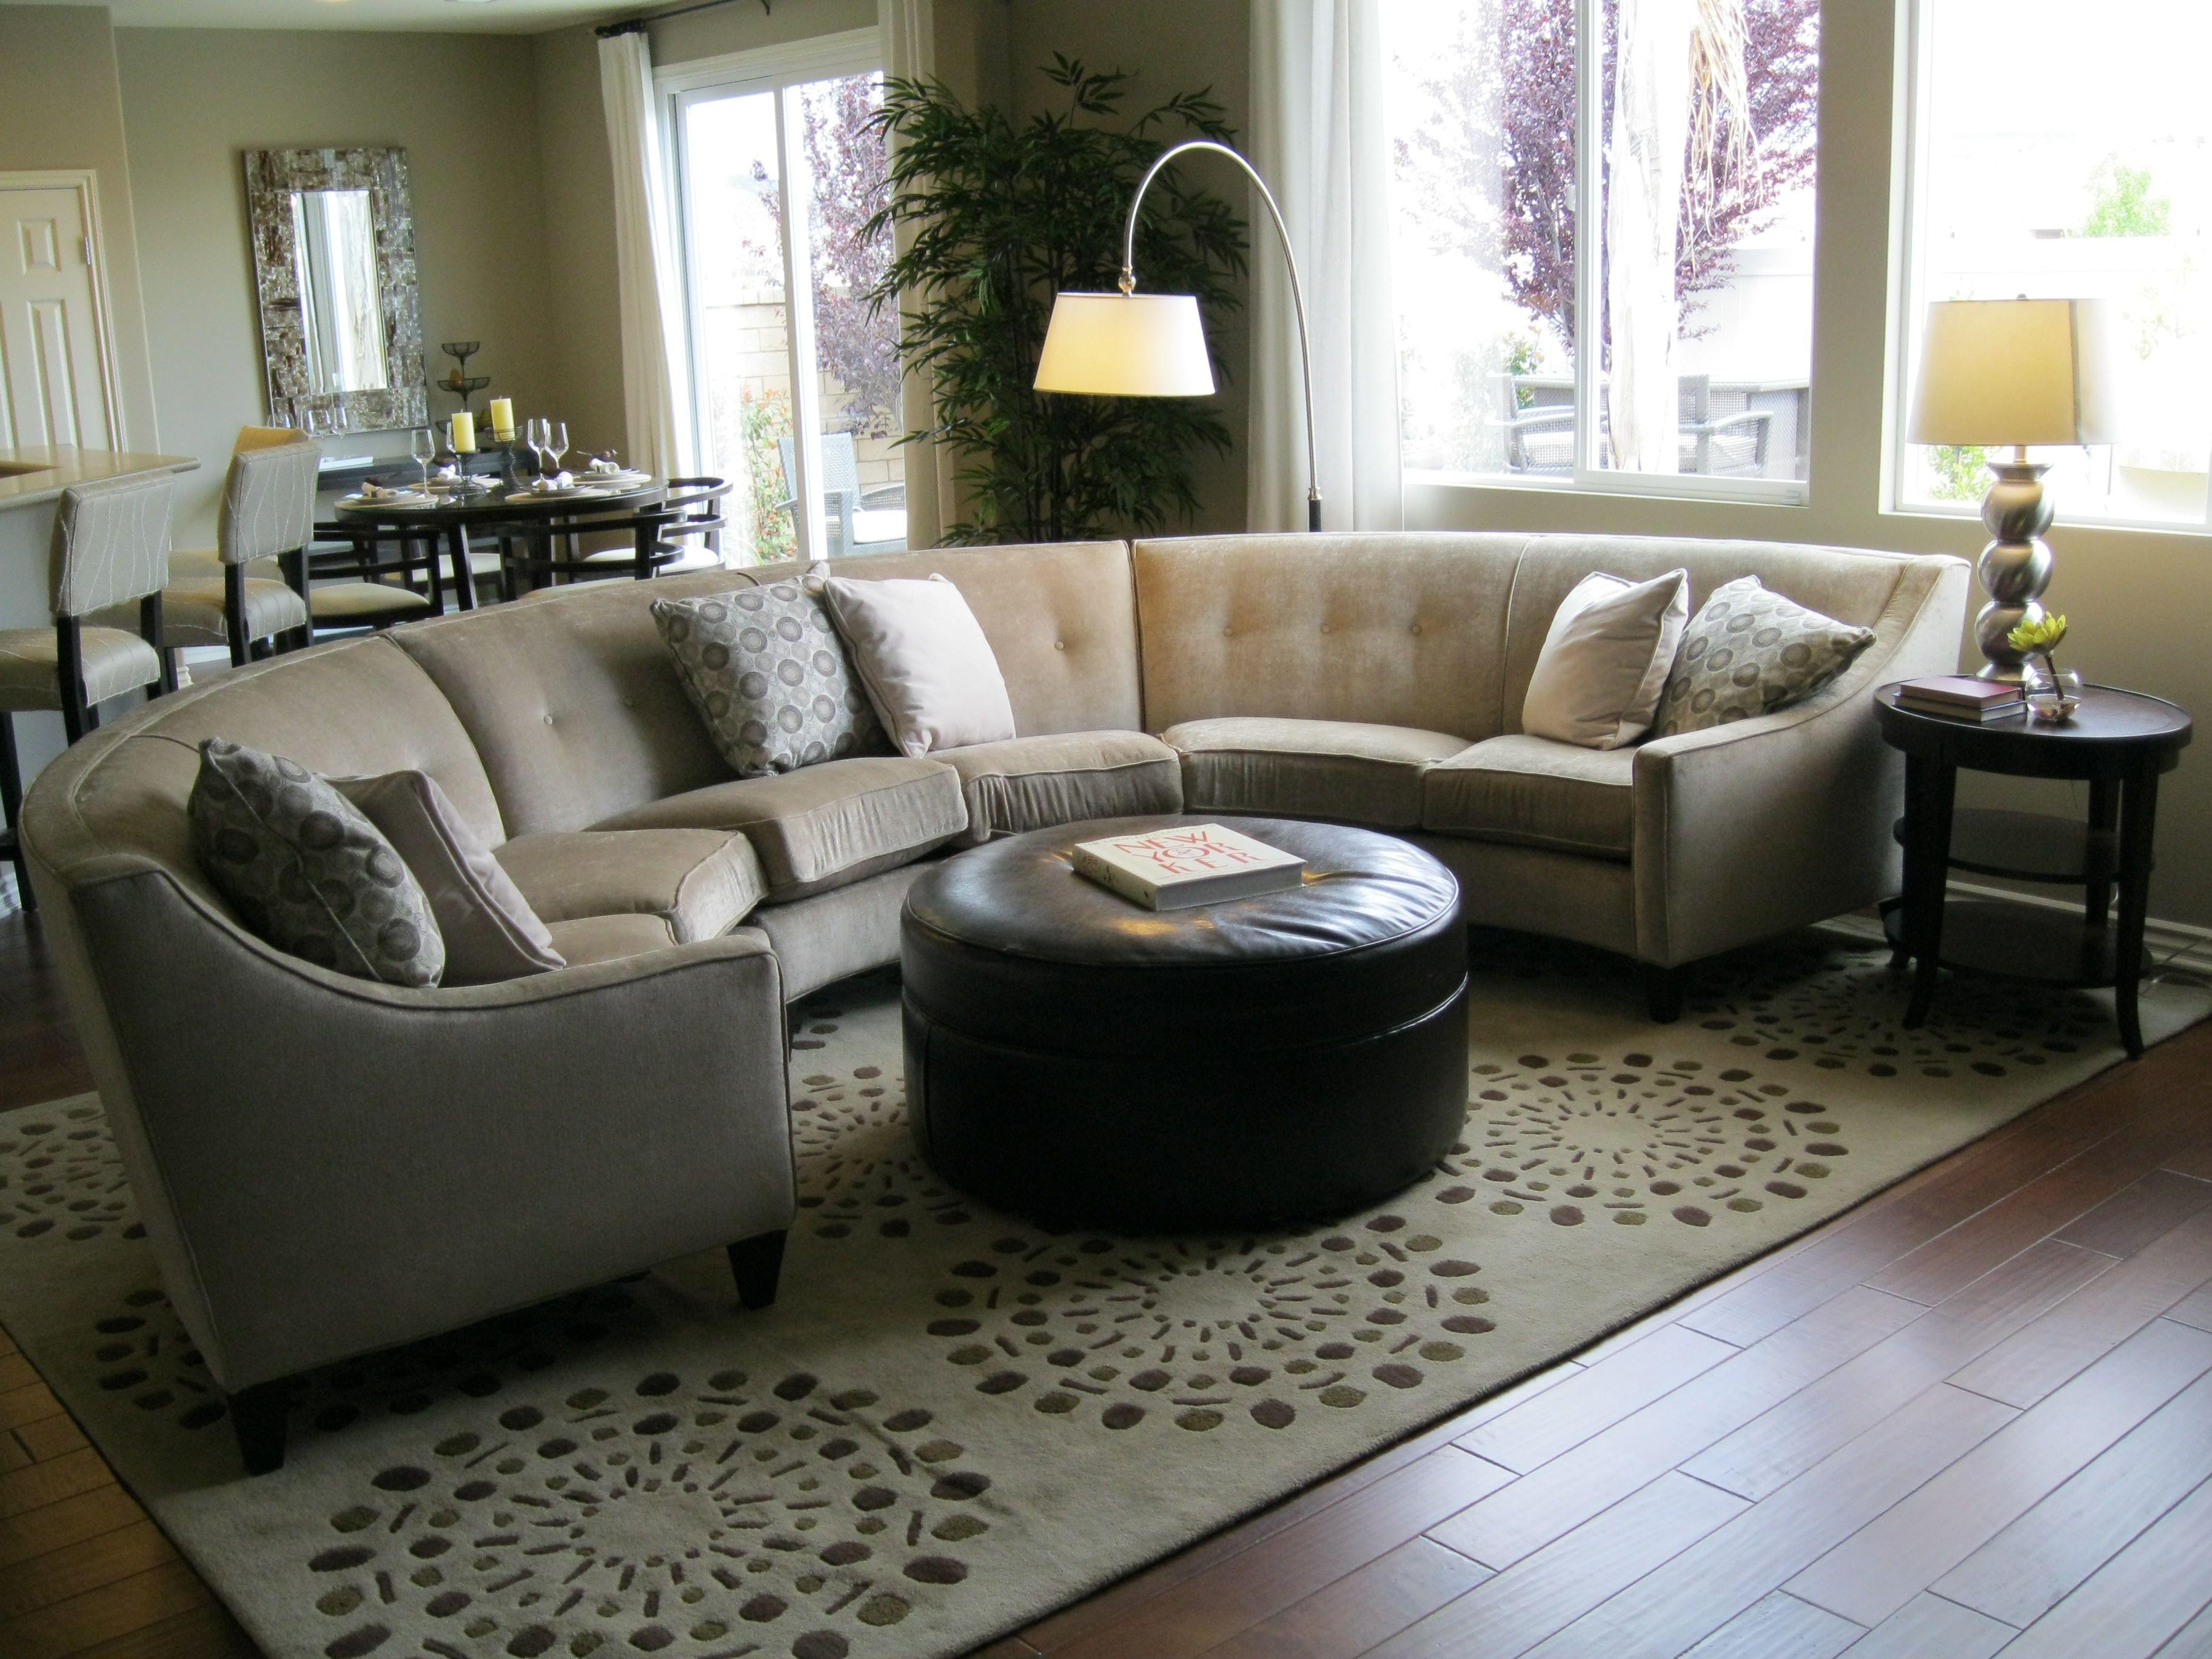 Image result for semicircular sofa 99 Sunset Boulevard